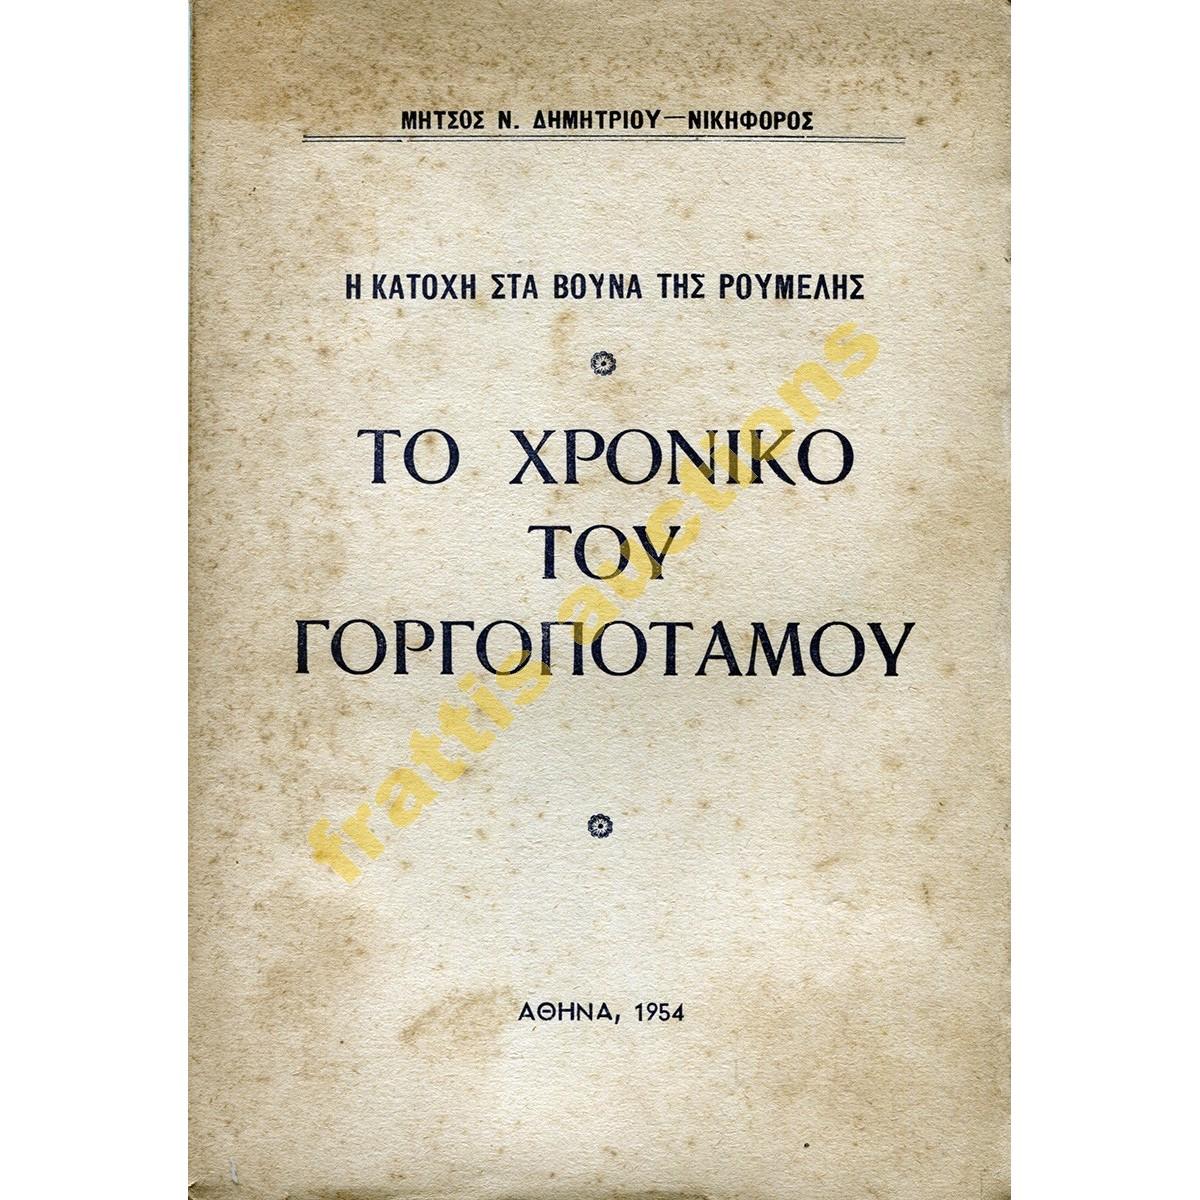 ΔΗΜΗΤΡΙΟΣ - ΝΙΚΗΦΟΡΟΣ Ν. ΜΗΤΣΟΣ